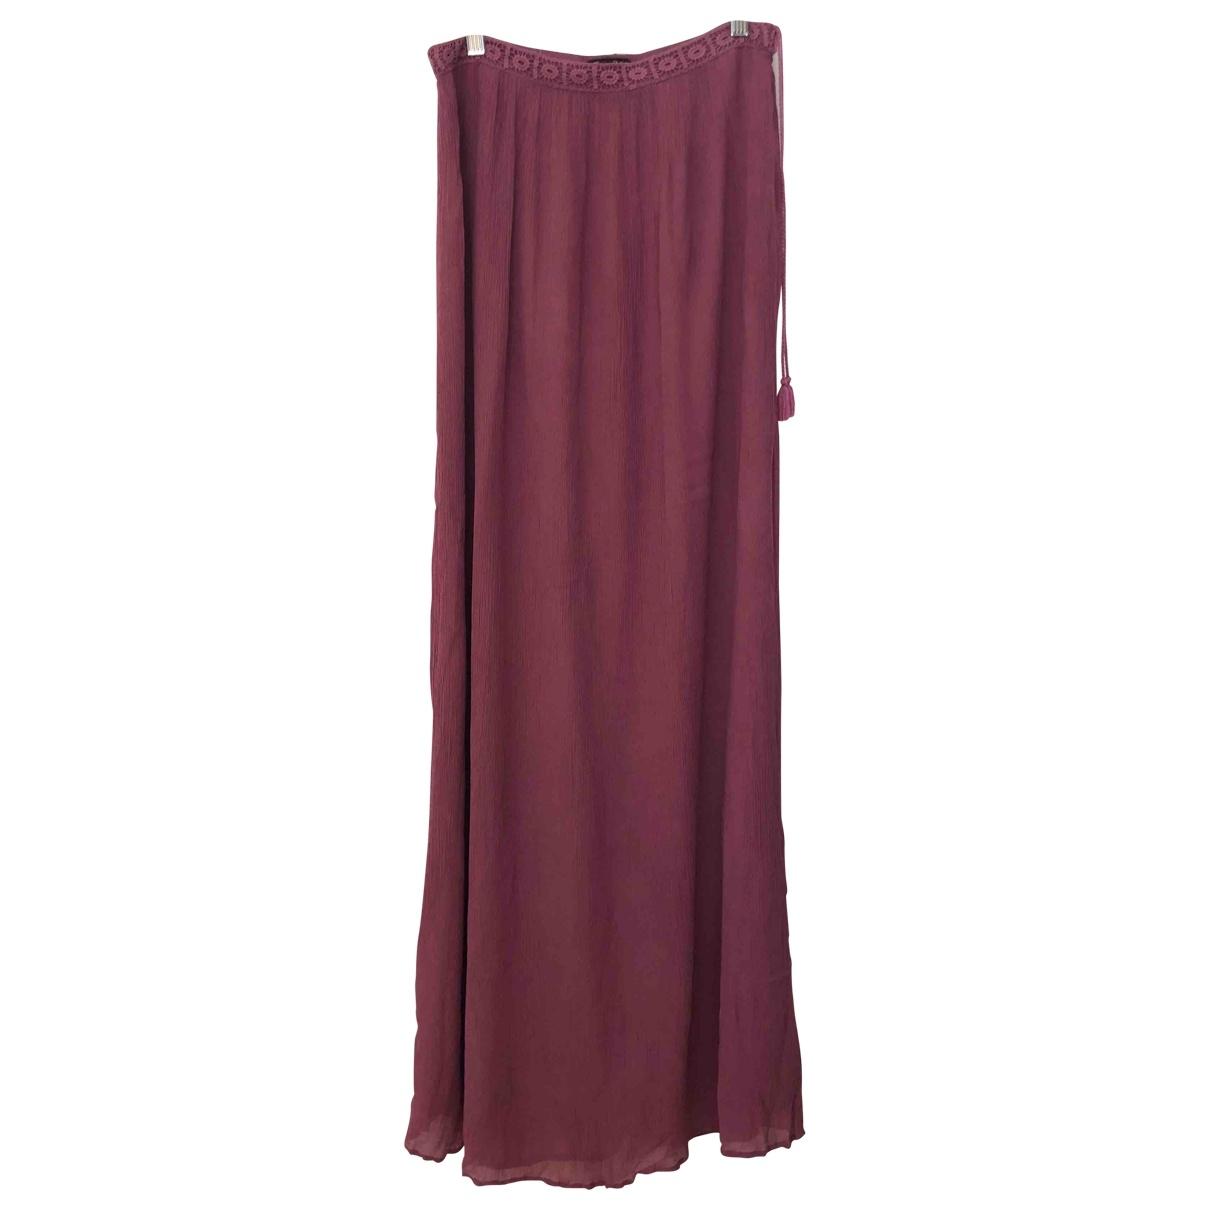 Massimo Dutti \N Pink skirt for Women S International